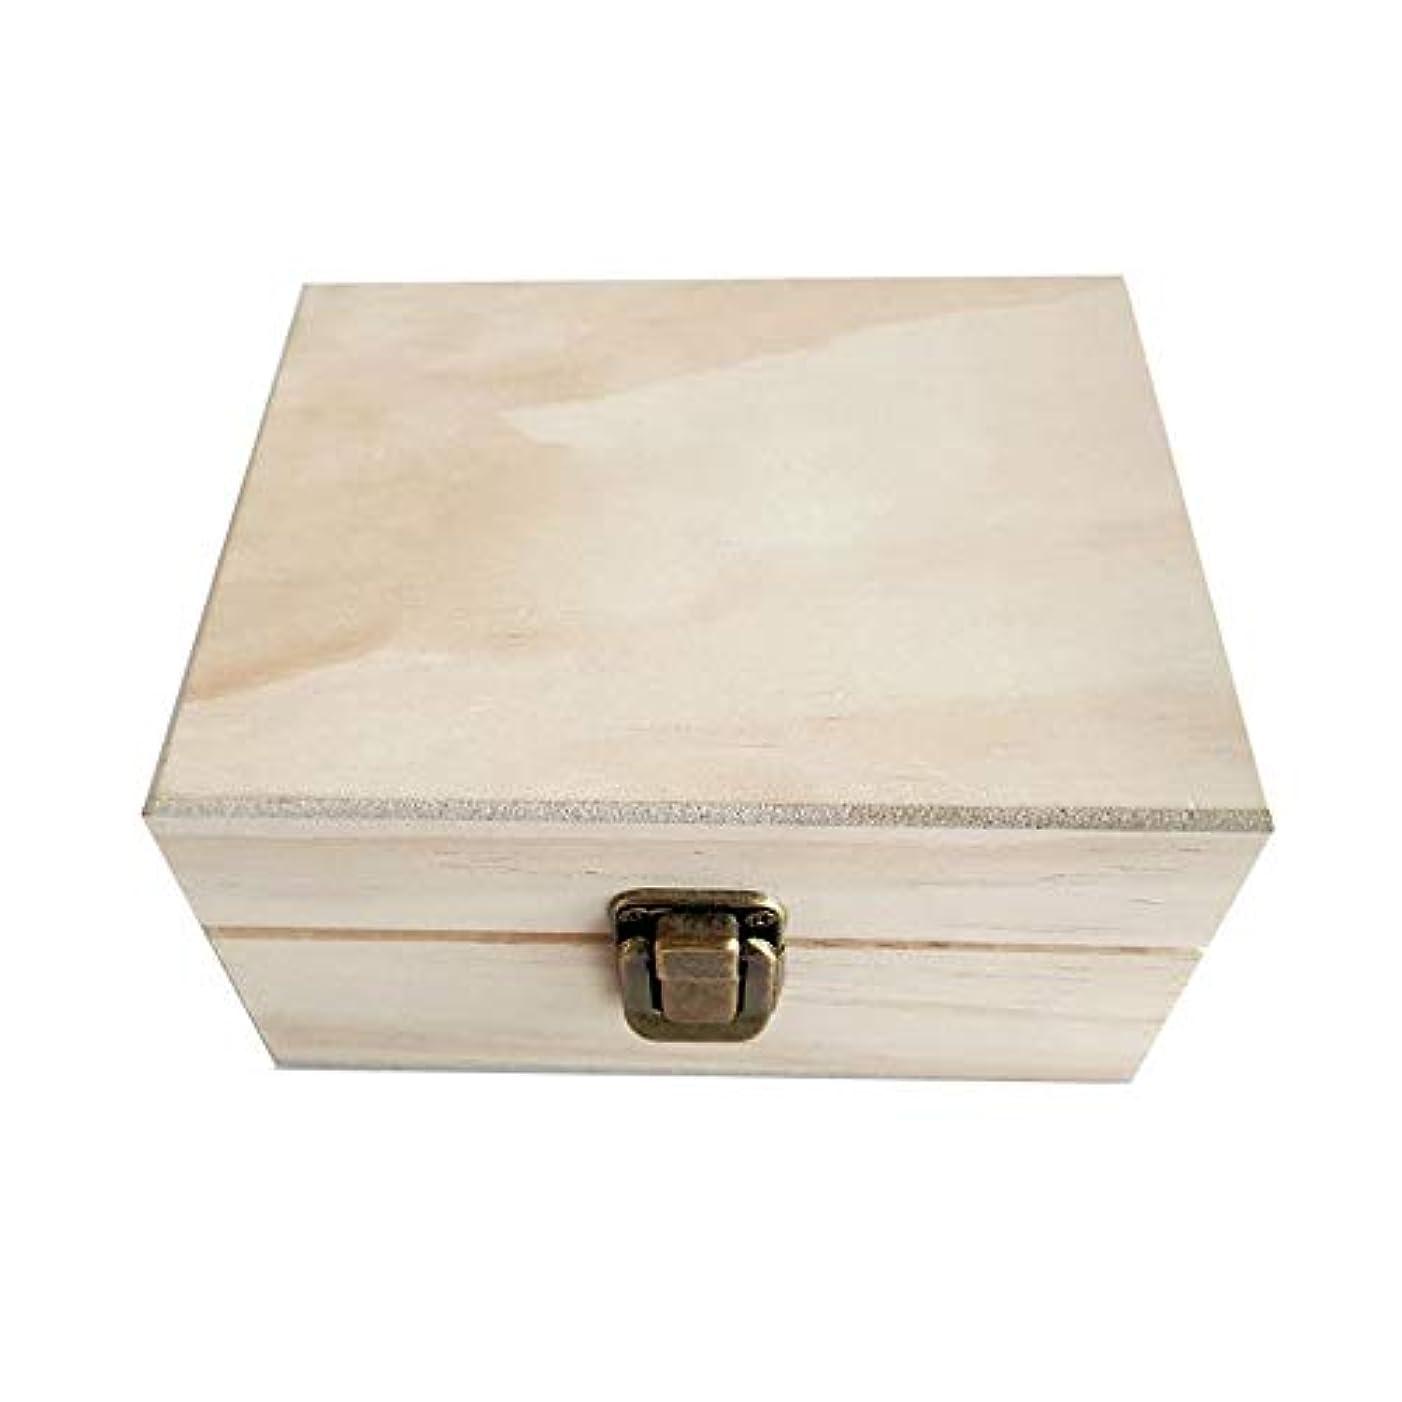 腐食する導出競うエッセンシャルオイルボックス 12本のボトルオイル、省スペースのストレージスロットオイルボックス木箱 アロマセラピー収納ボックス (色 : Natural, サイズ : 15X12X8.5CM)